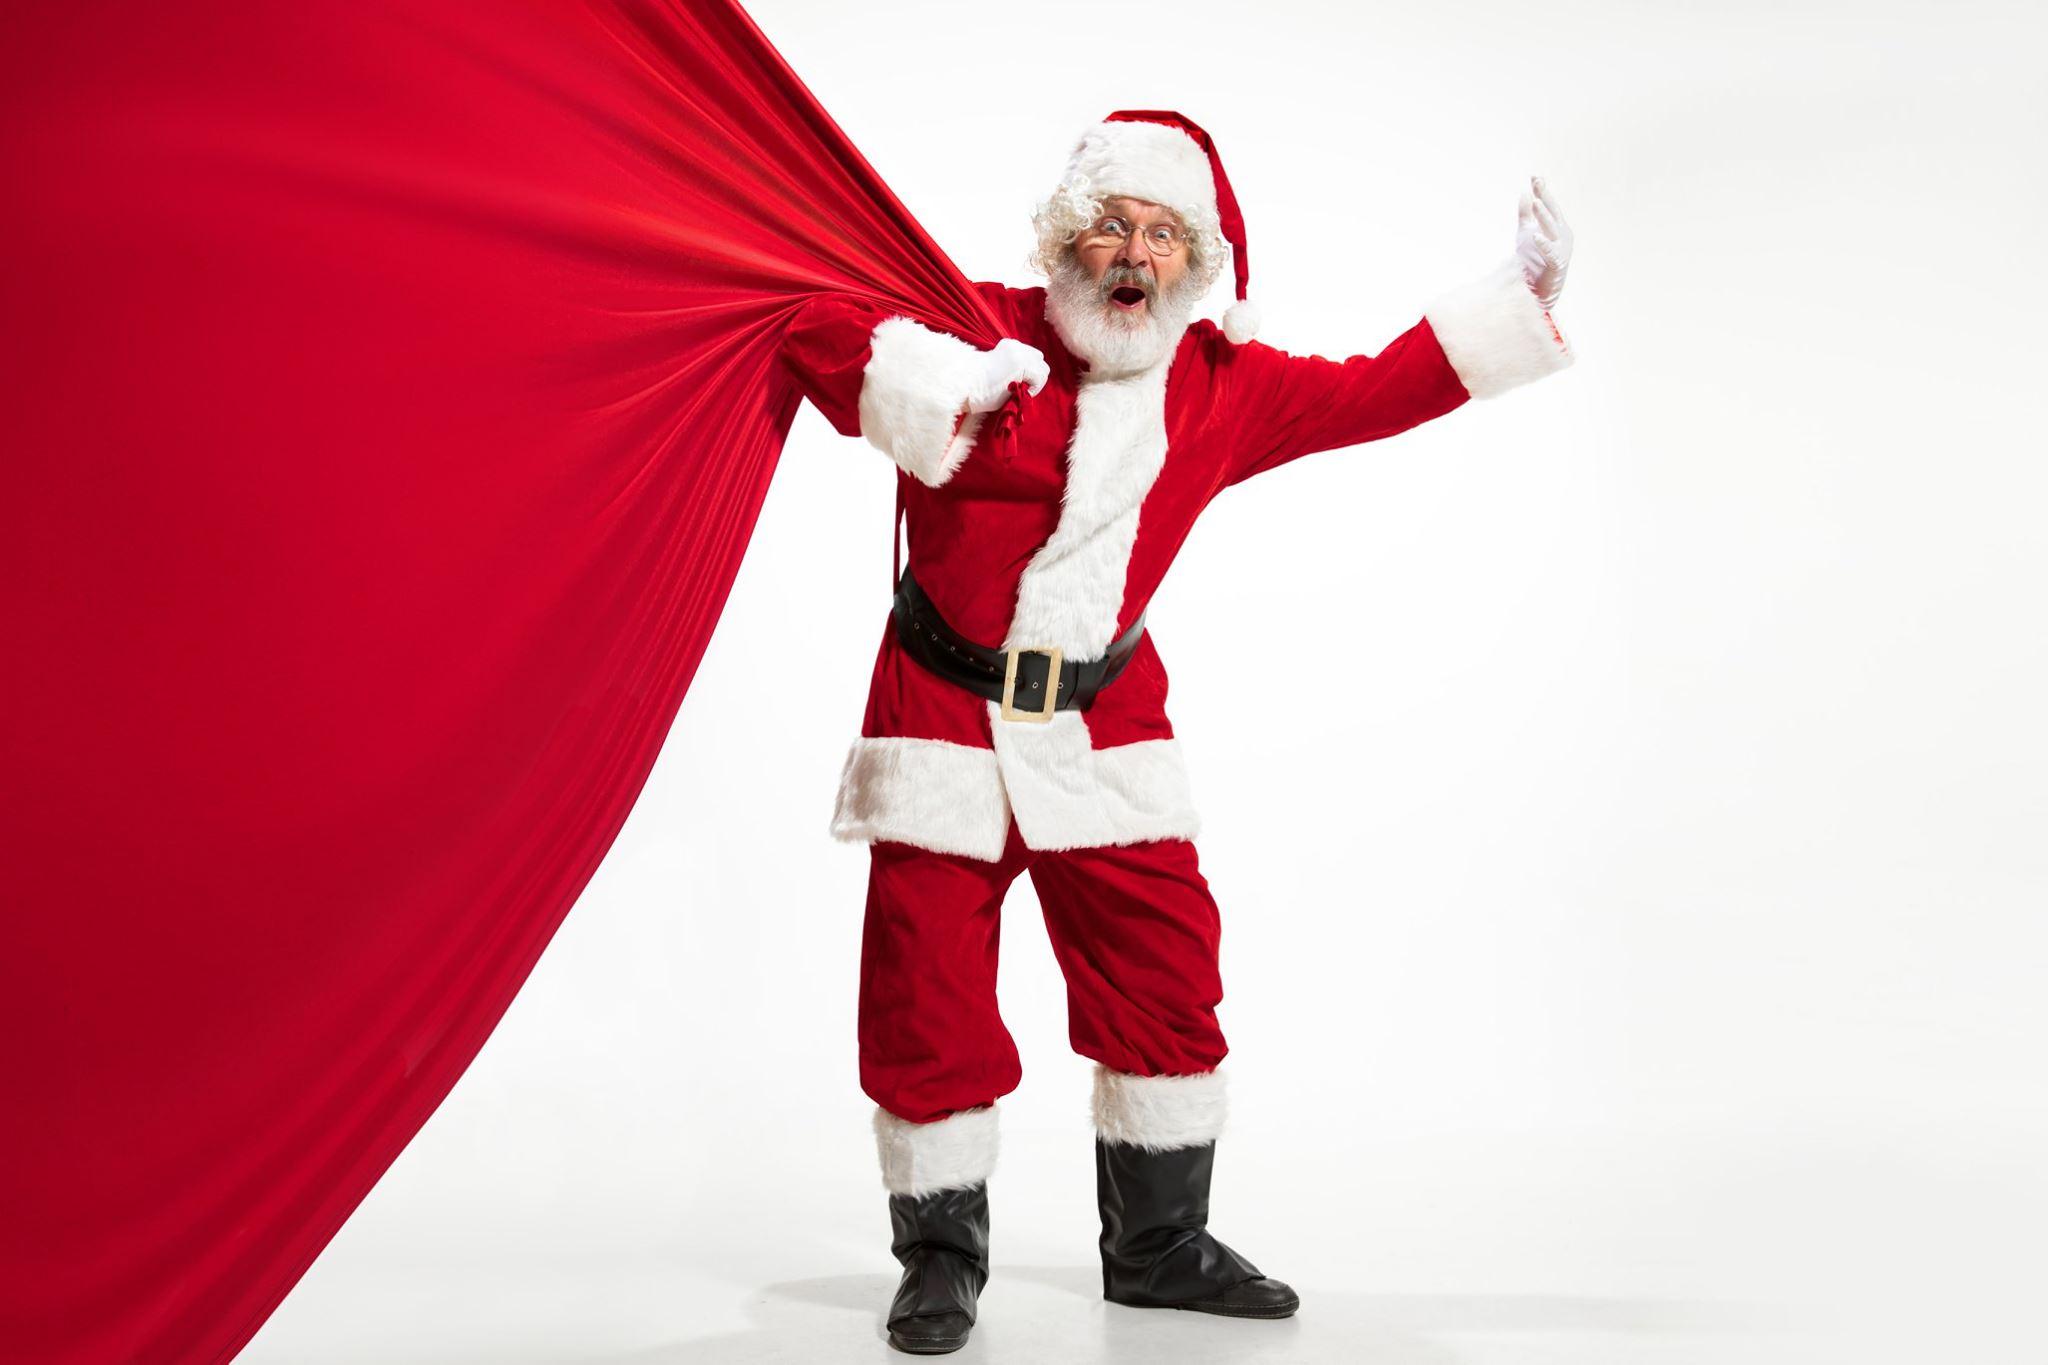 صور بابا نويل للكتابه عليها 3 صور بابا نويل للكتابه عليها